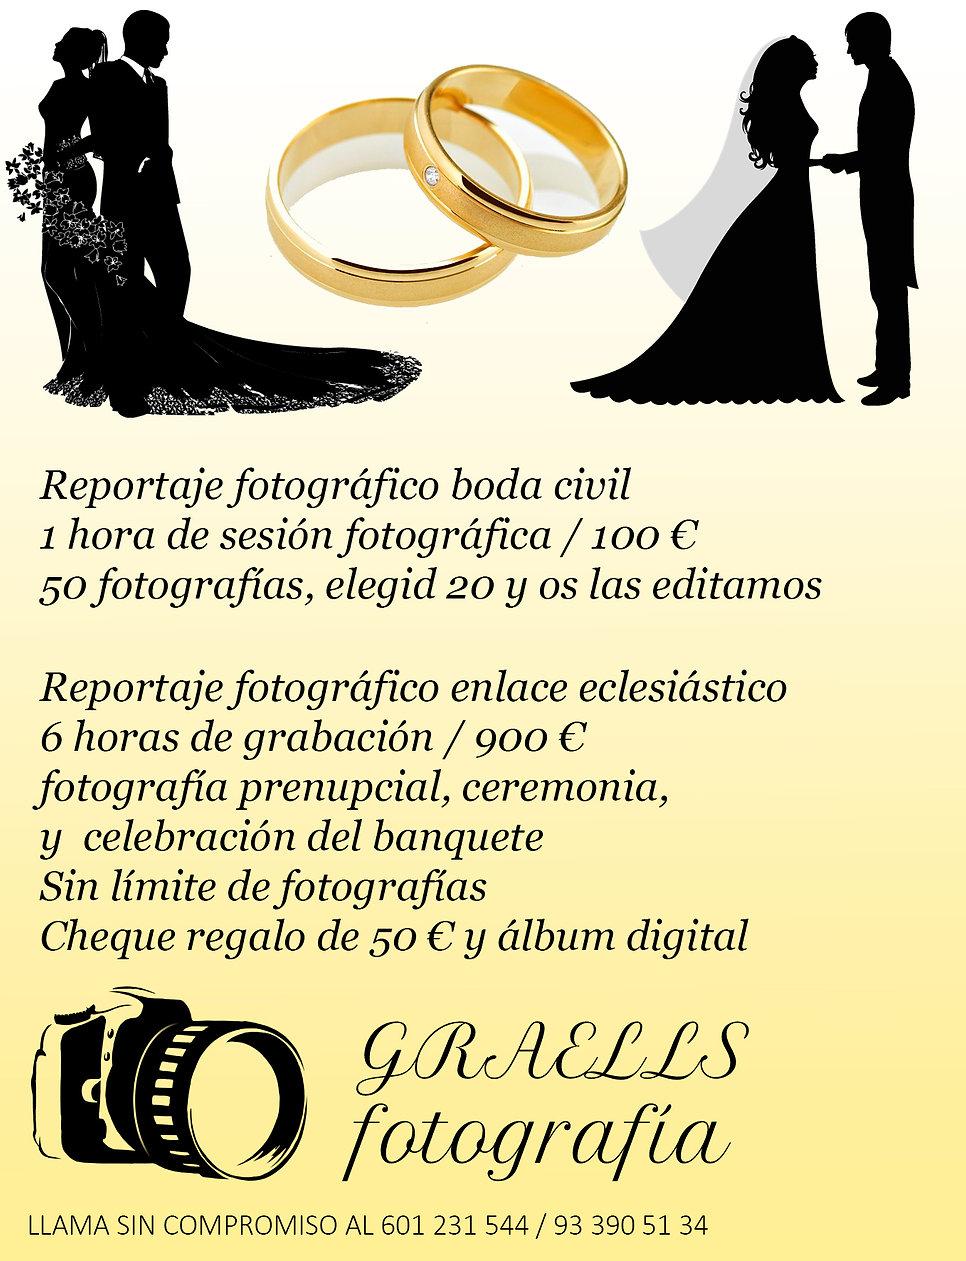 Anuncio_bodacivil_y_eclesiástica.jpg